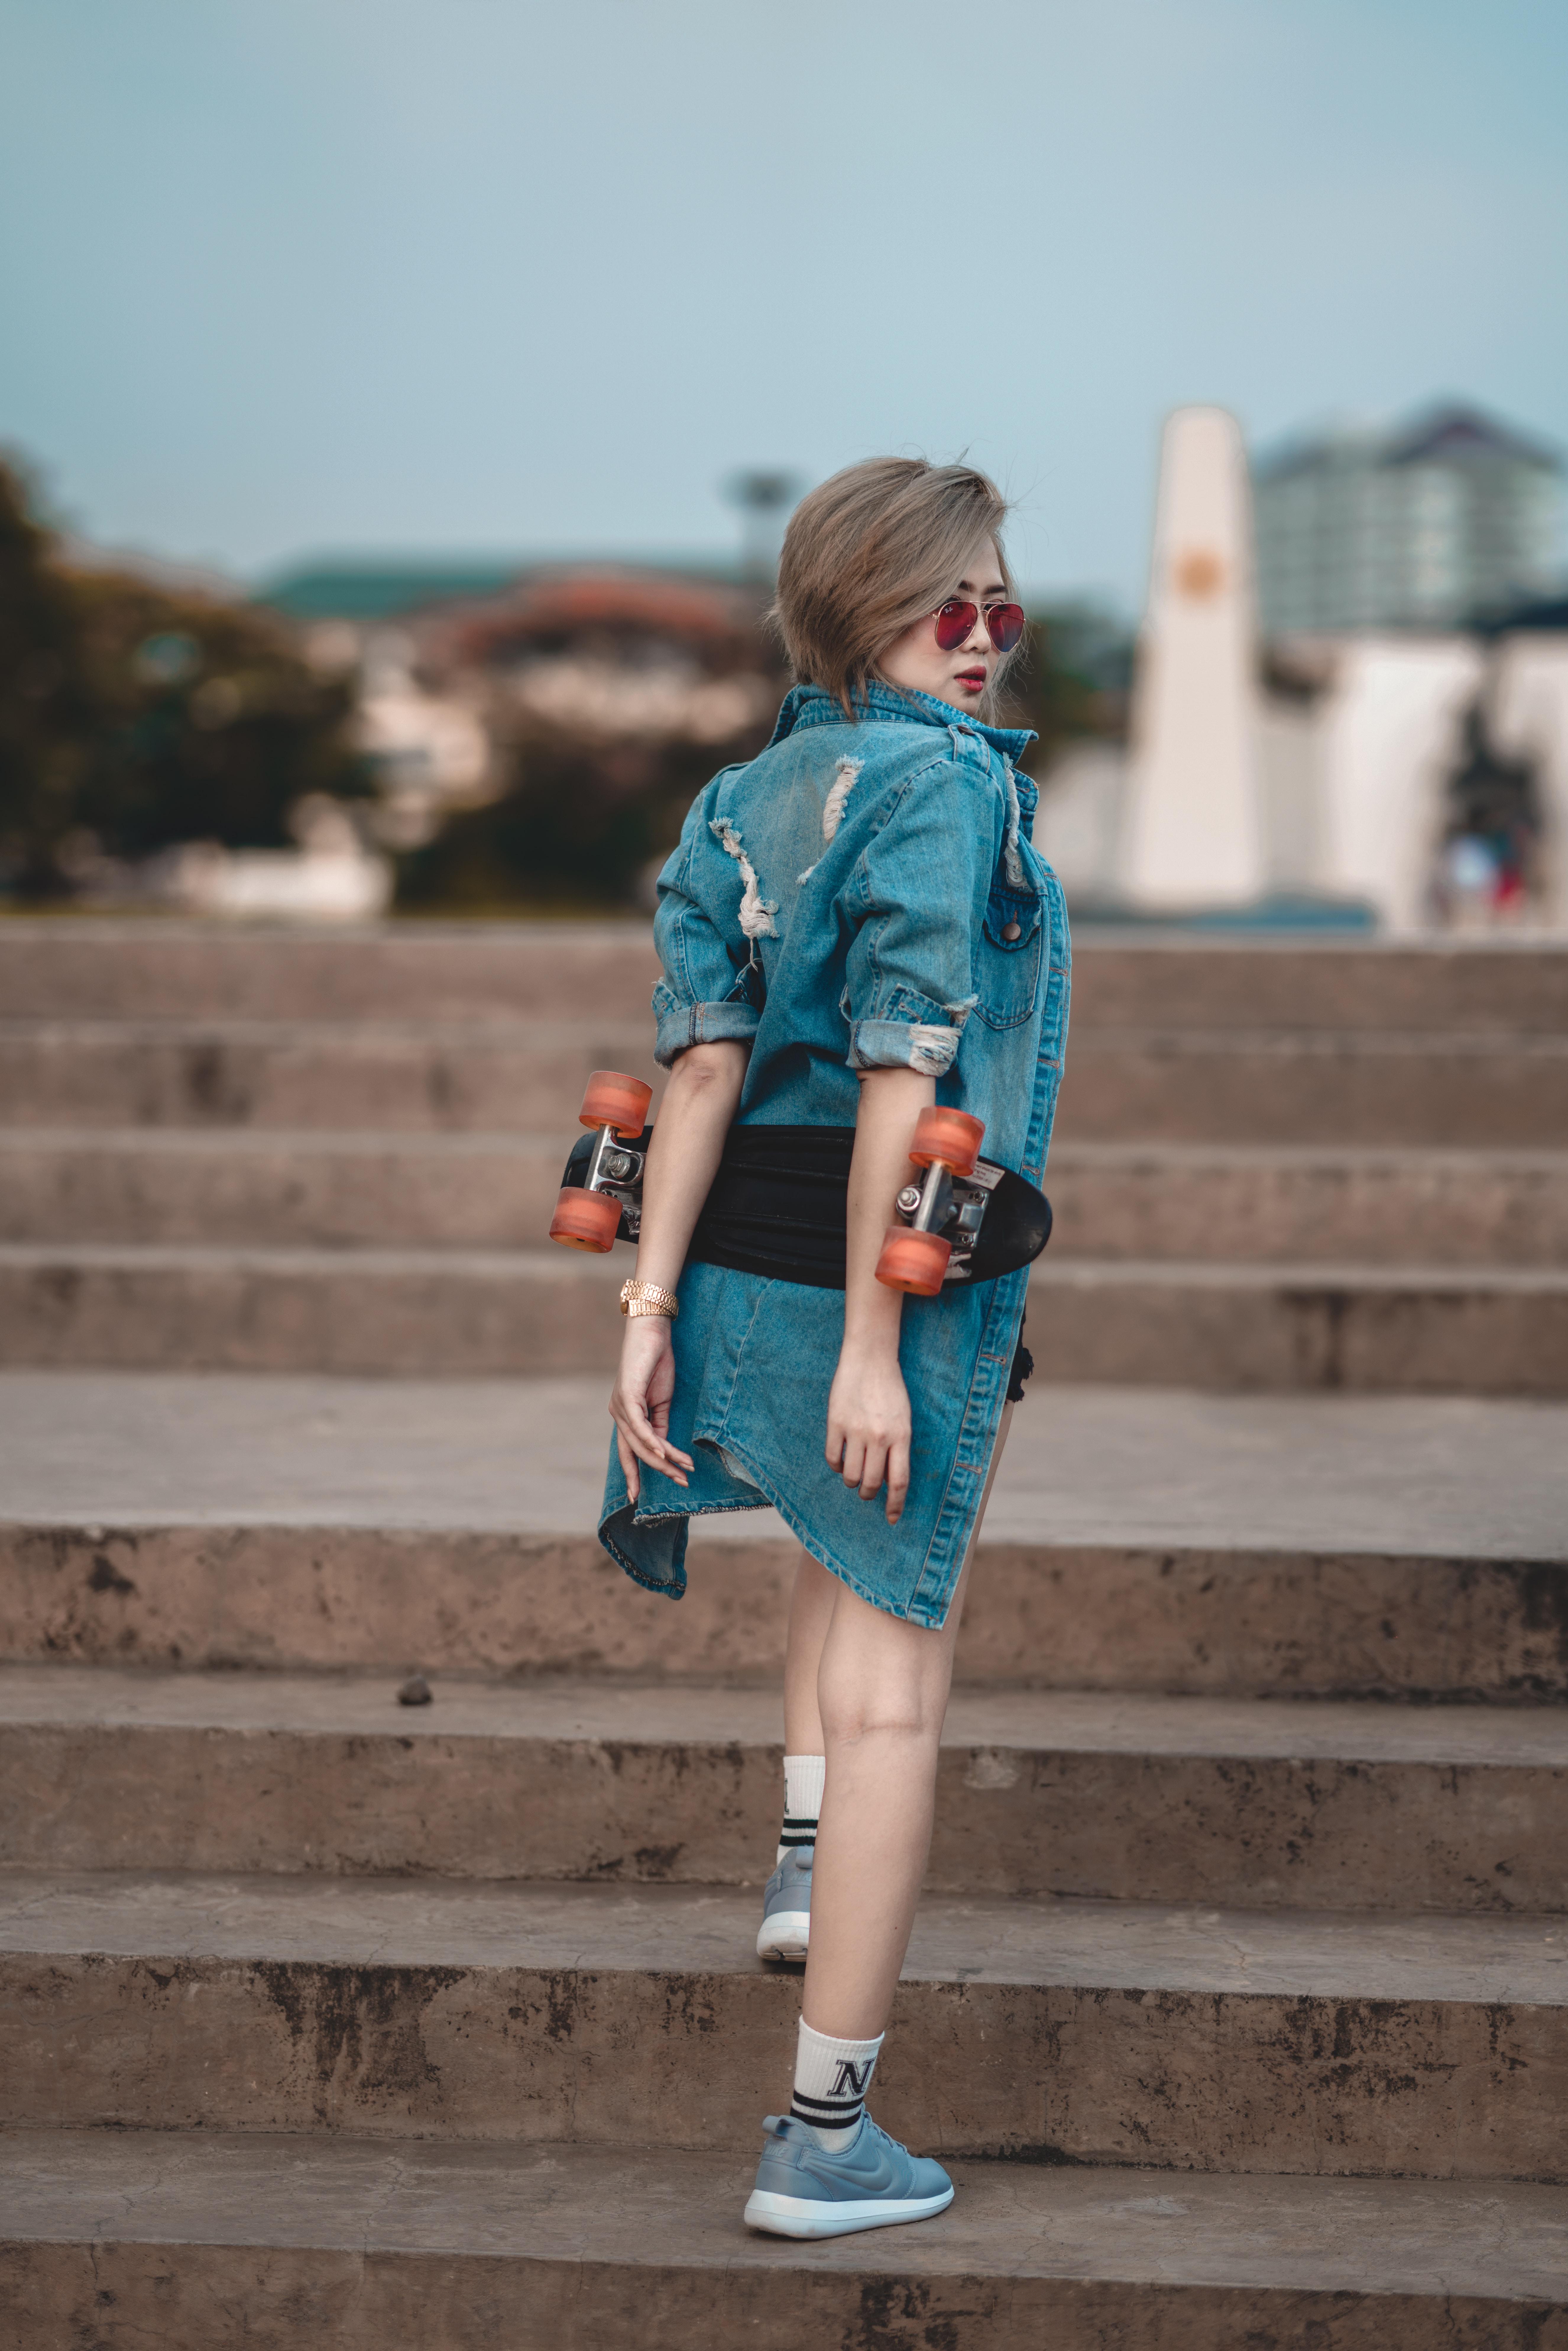 woman wearing blue denim jacket walking on stair at daytime